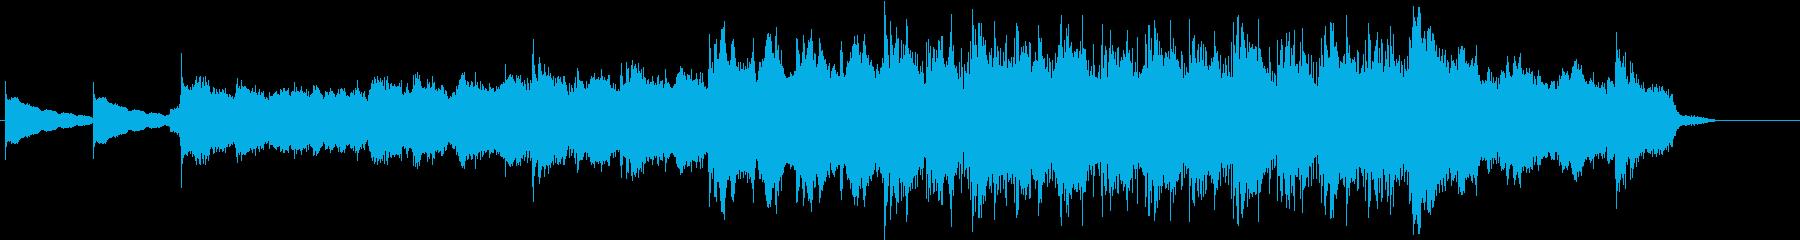 怖い雰囲気の曲の再生済みの波形